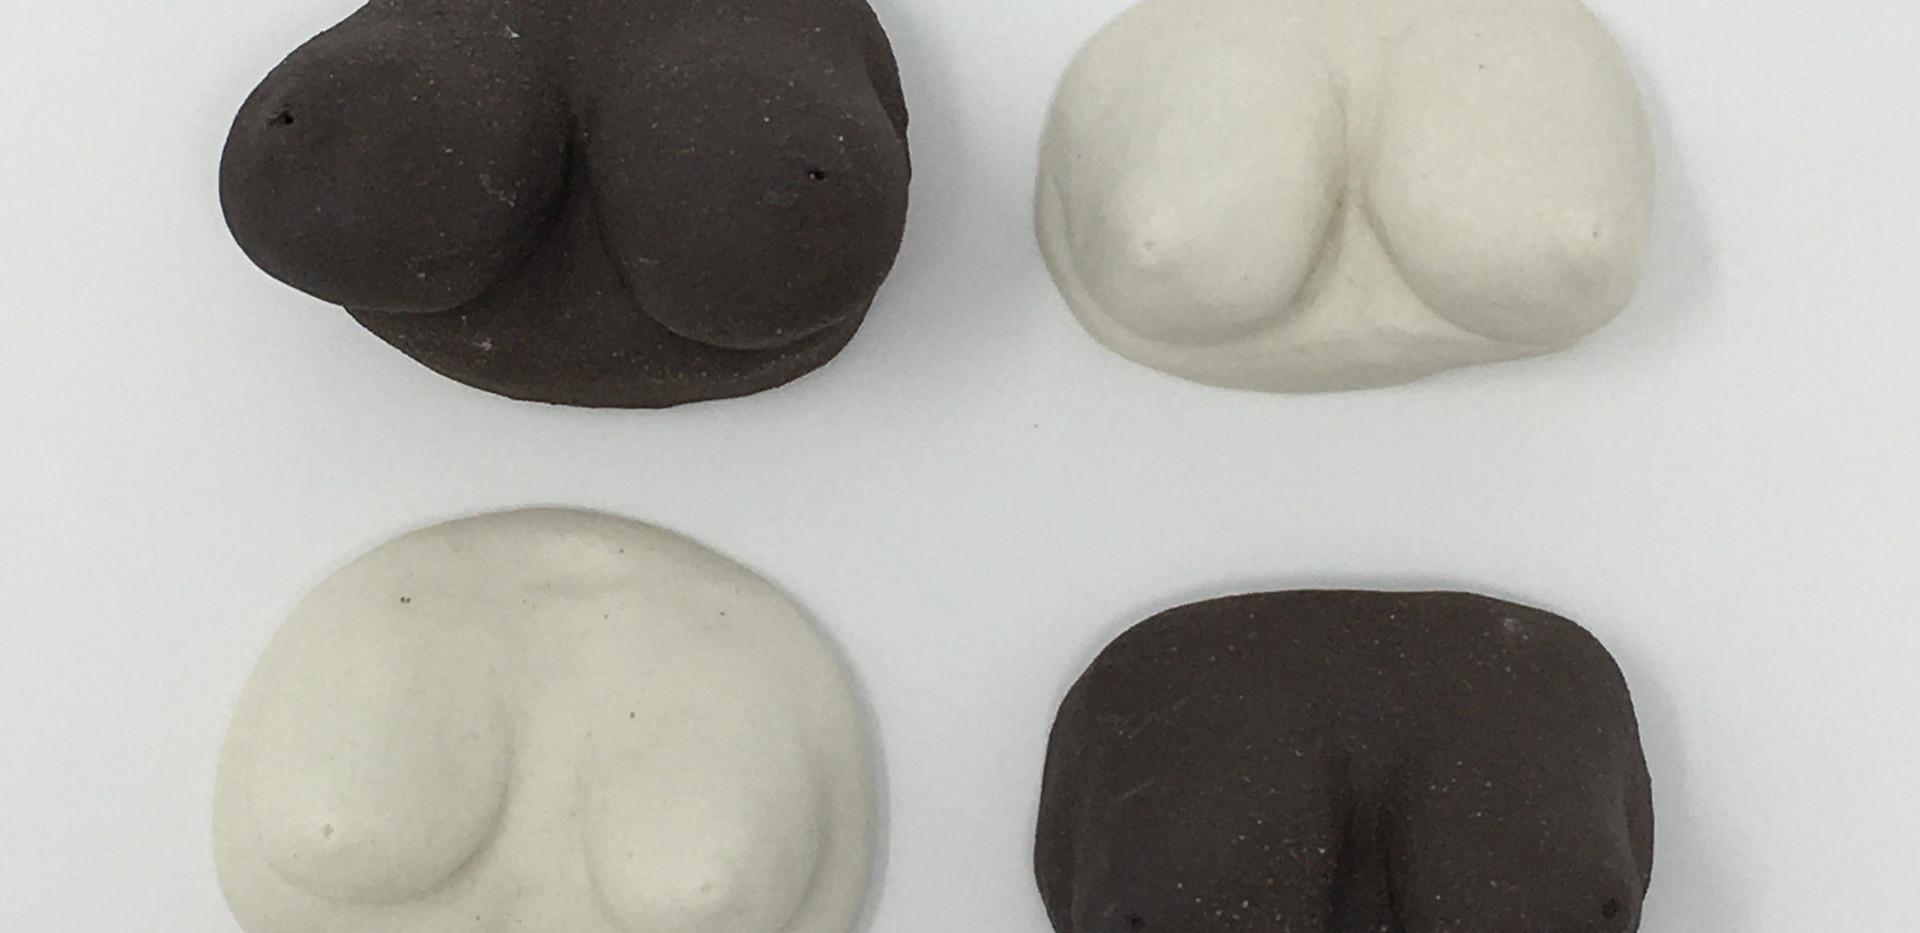 Ceramic Boobs